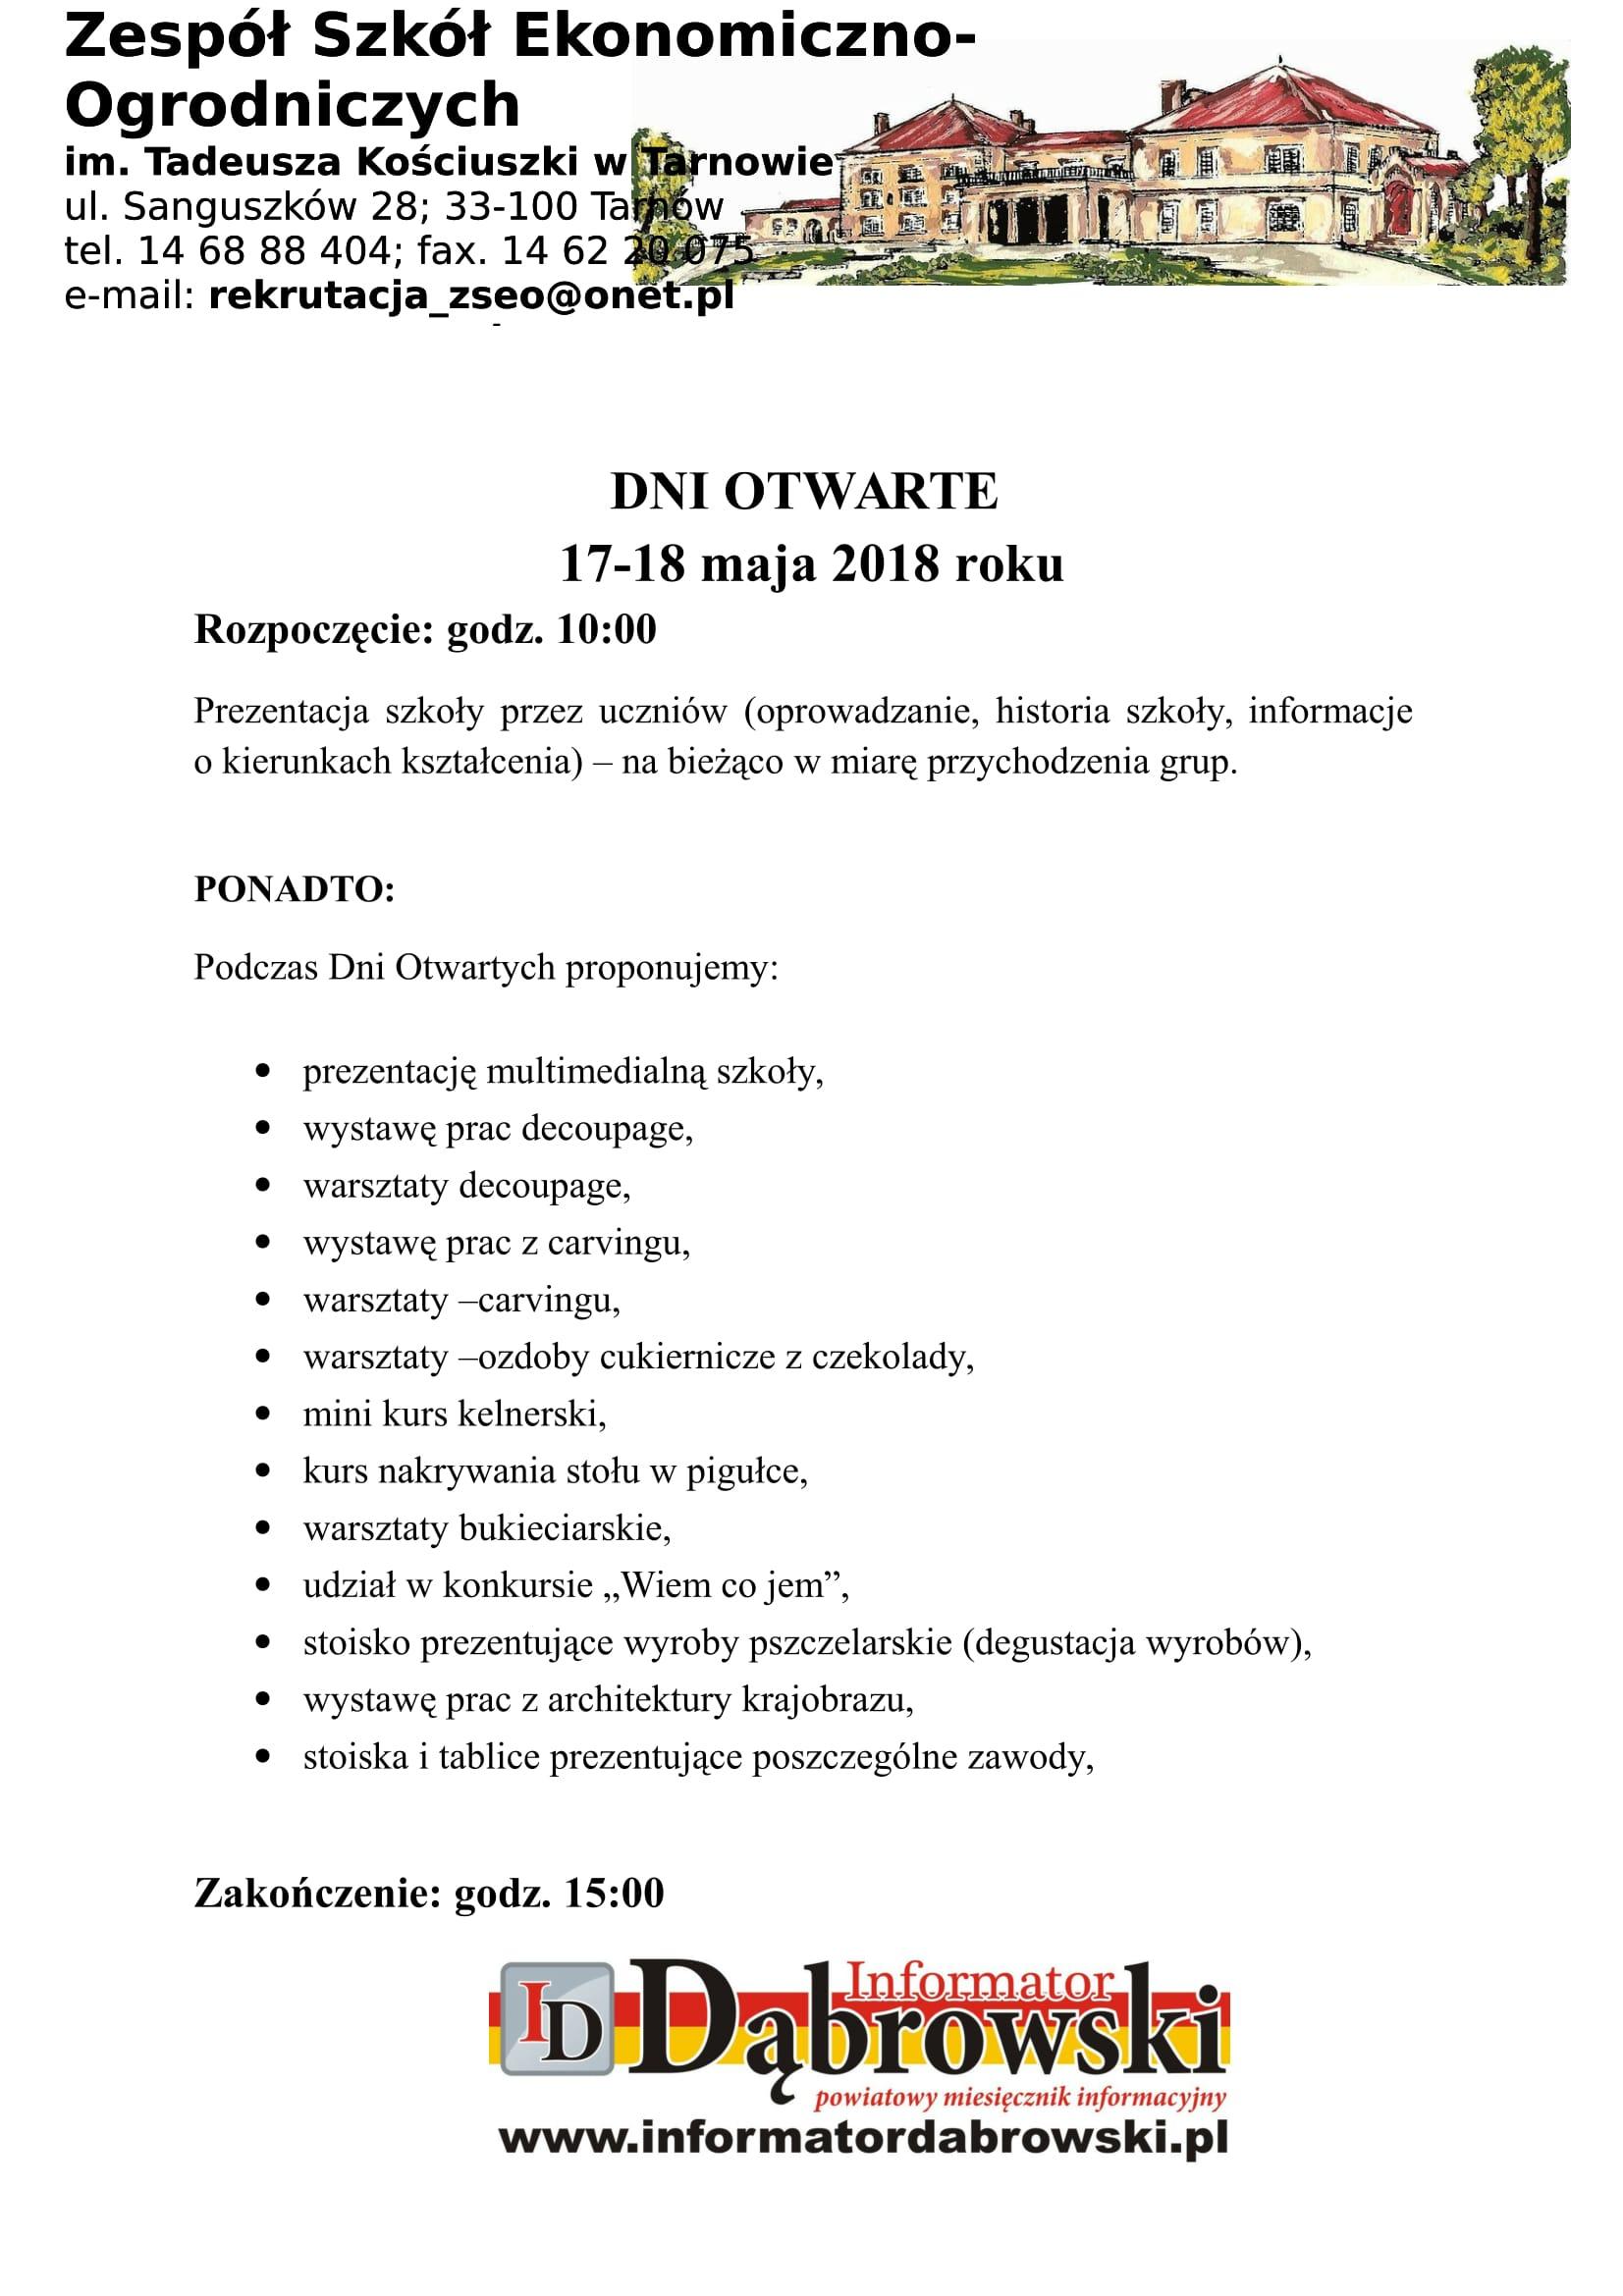 Dni Otwarte Zseo W Tarnowie Zaproszenie Dąbrowa Tarnowska